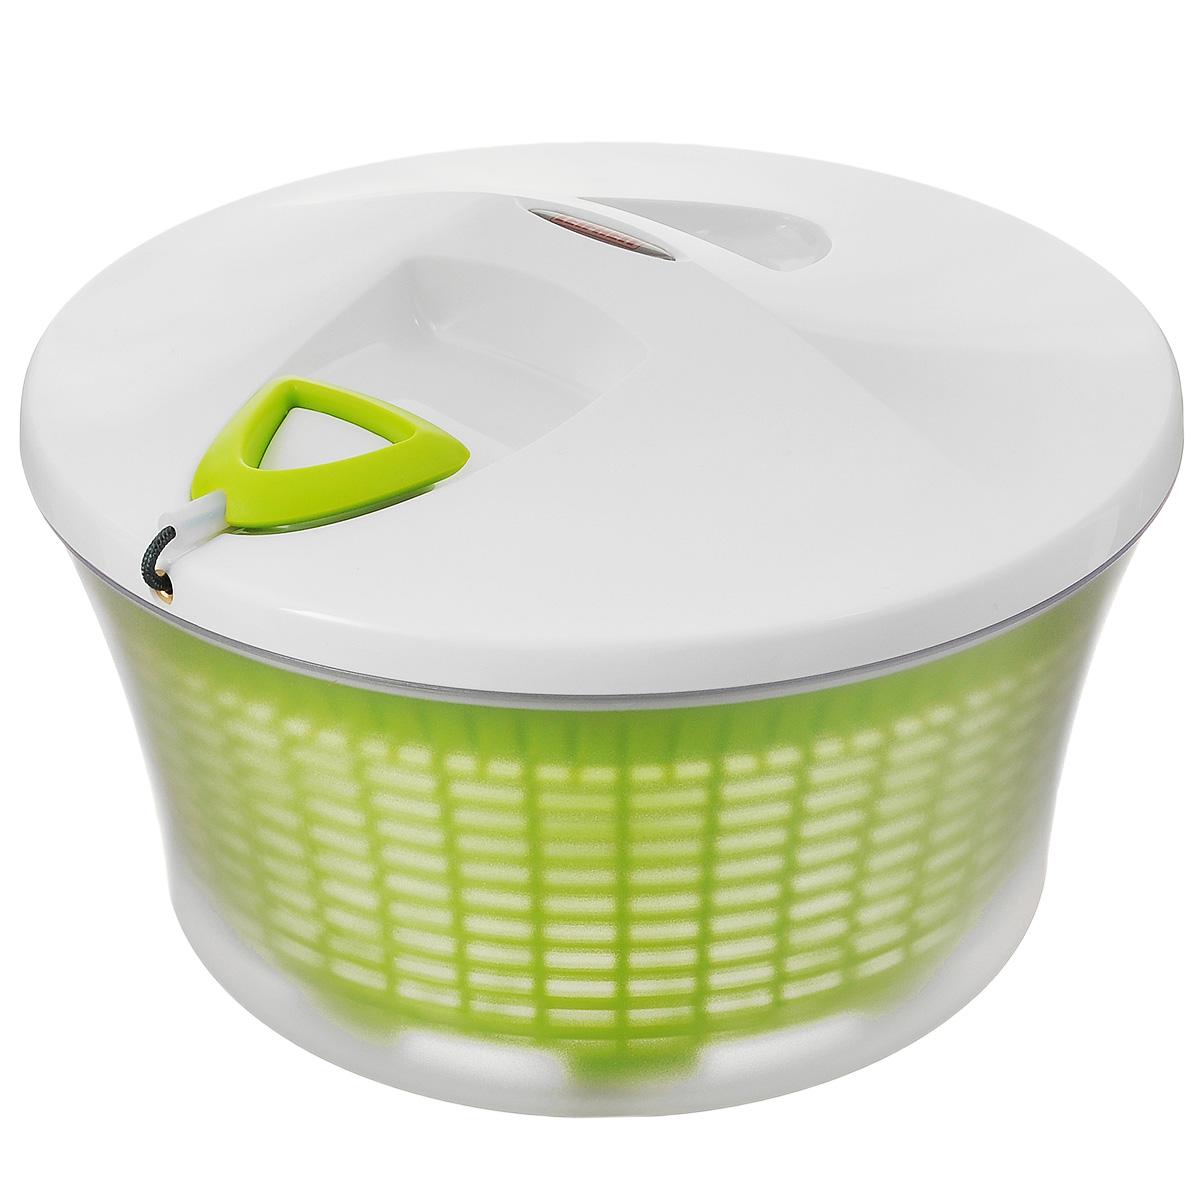 Емкость для сушки зелени Leifheit Comfort Line, цвет: белый, салатовый, диаметр 27 см23200белый/салатовыйЕмкость Leifheit Comfort Line, изготовленная из высококачественного пищевого пластика, предназначена для сушки зелени. Емкость оснащена съемной корзиной и крышкой. Внутренняя съемная корзина вращается при помощи натяжения веревки на крышке. Уникальный механизм вращения бережно и эффективно сушит зелень.Способ применения: промыть зелень в корзине, вставить корзину в емкость, закрыть крышку и натянуть веревку несколько раз, вся вода останется во внешней емкости.Можно мыть в посудомоечной машине.Диаметр емкости: 27 см.Диаметр съемной корзины: 25 см.Высота емкости: 13,5 см.Высота корзины: 13 см.